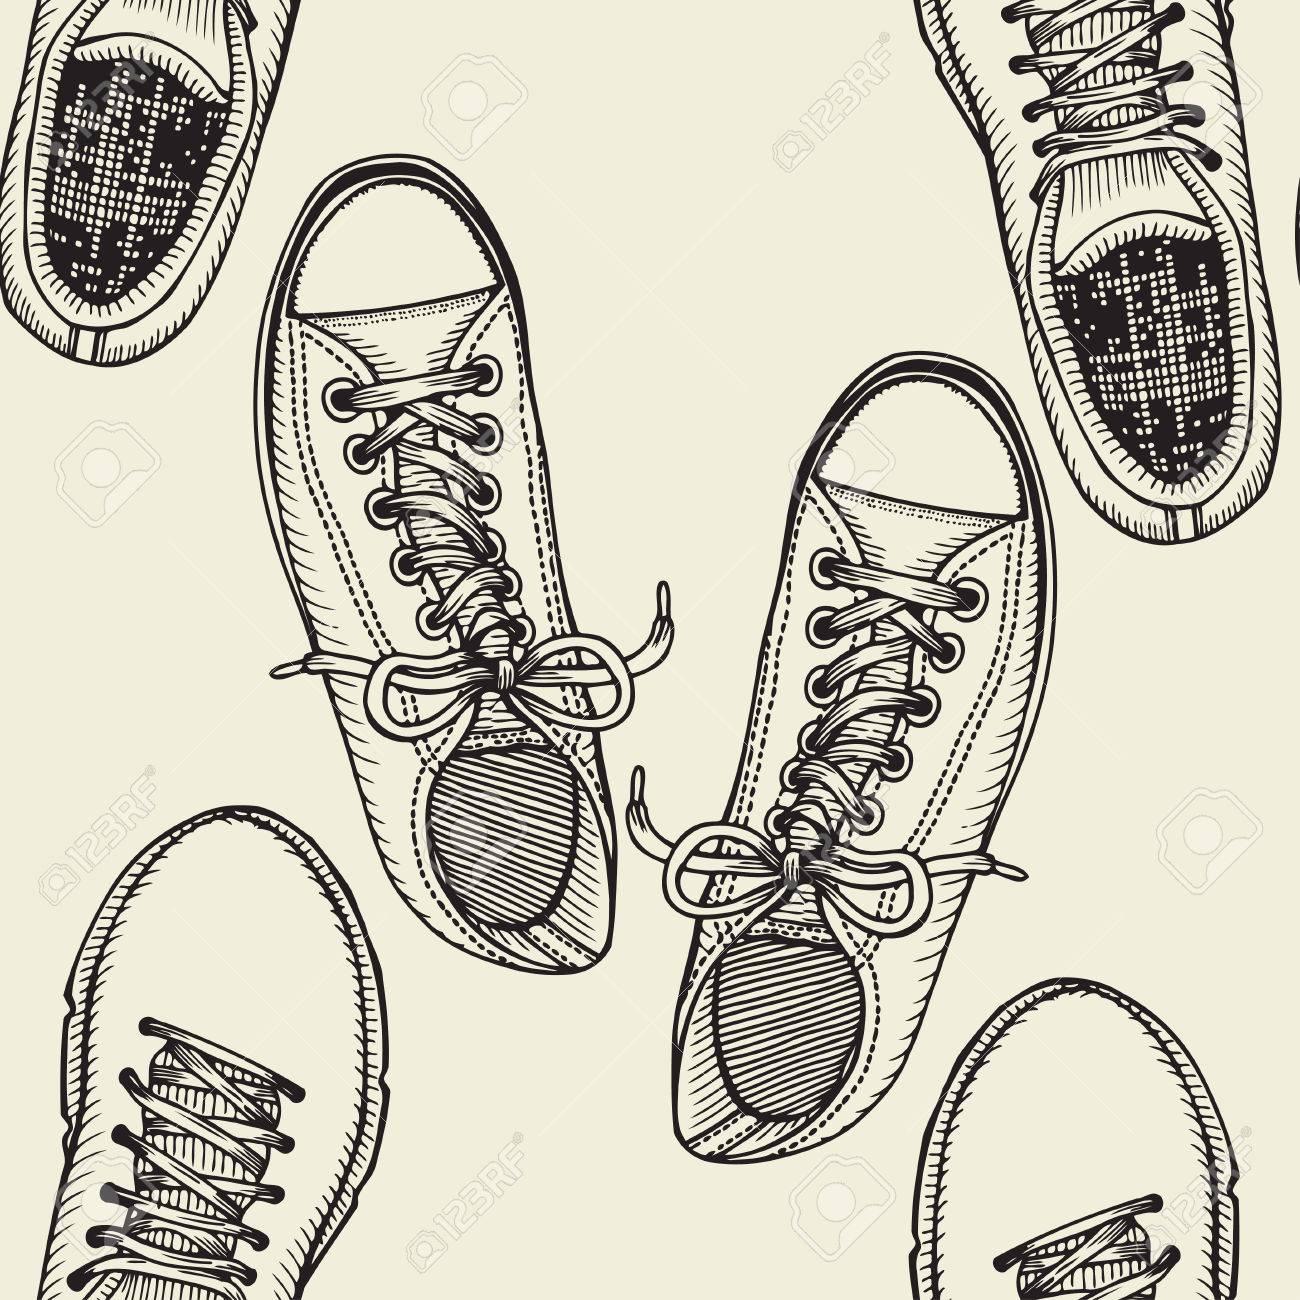 Para Vector De Sin DeporteElemento Diseño Libro A Zapatos Zapatillas Boceto ColorearFondo Dibujado Mano Patrón vOynm0wN8